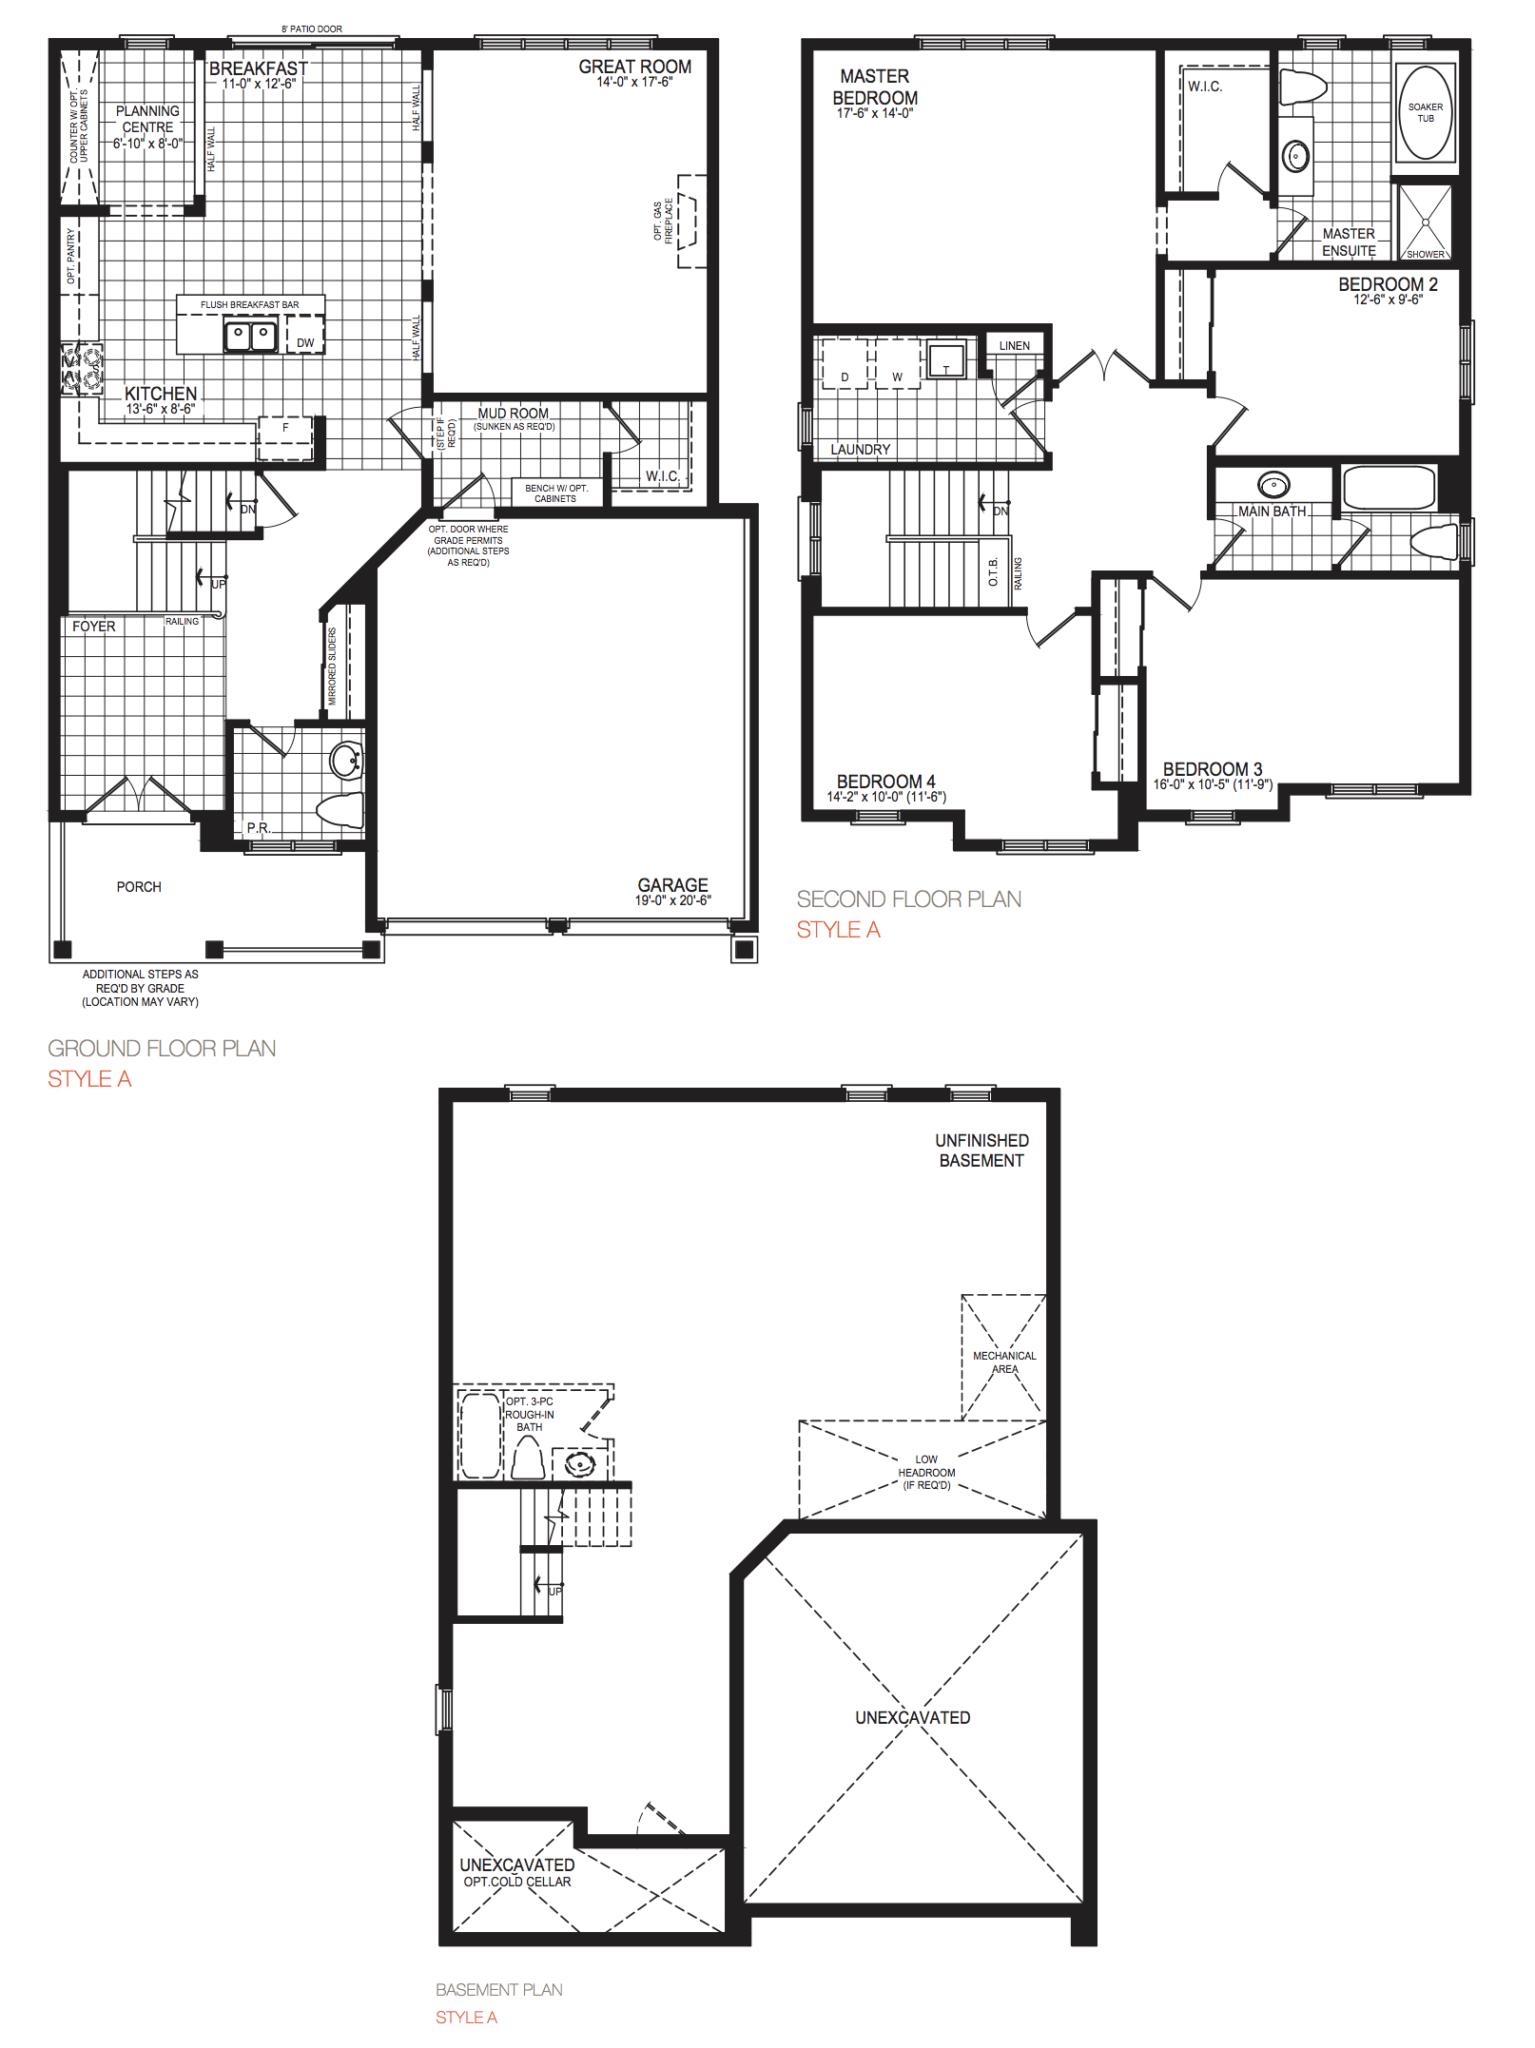 10002-pandora-floor-plan